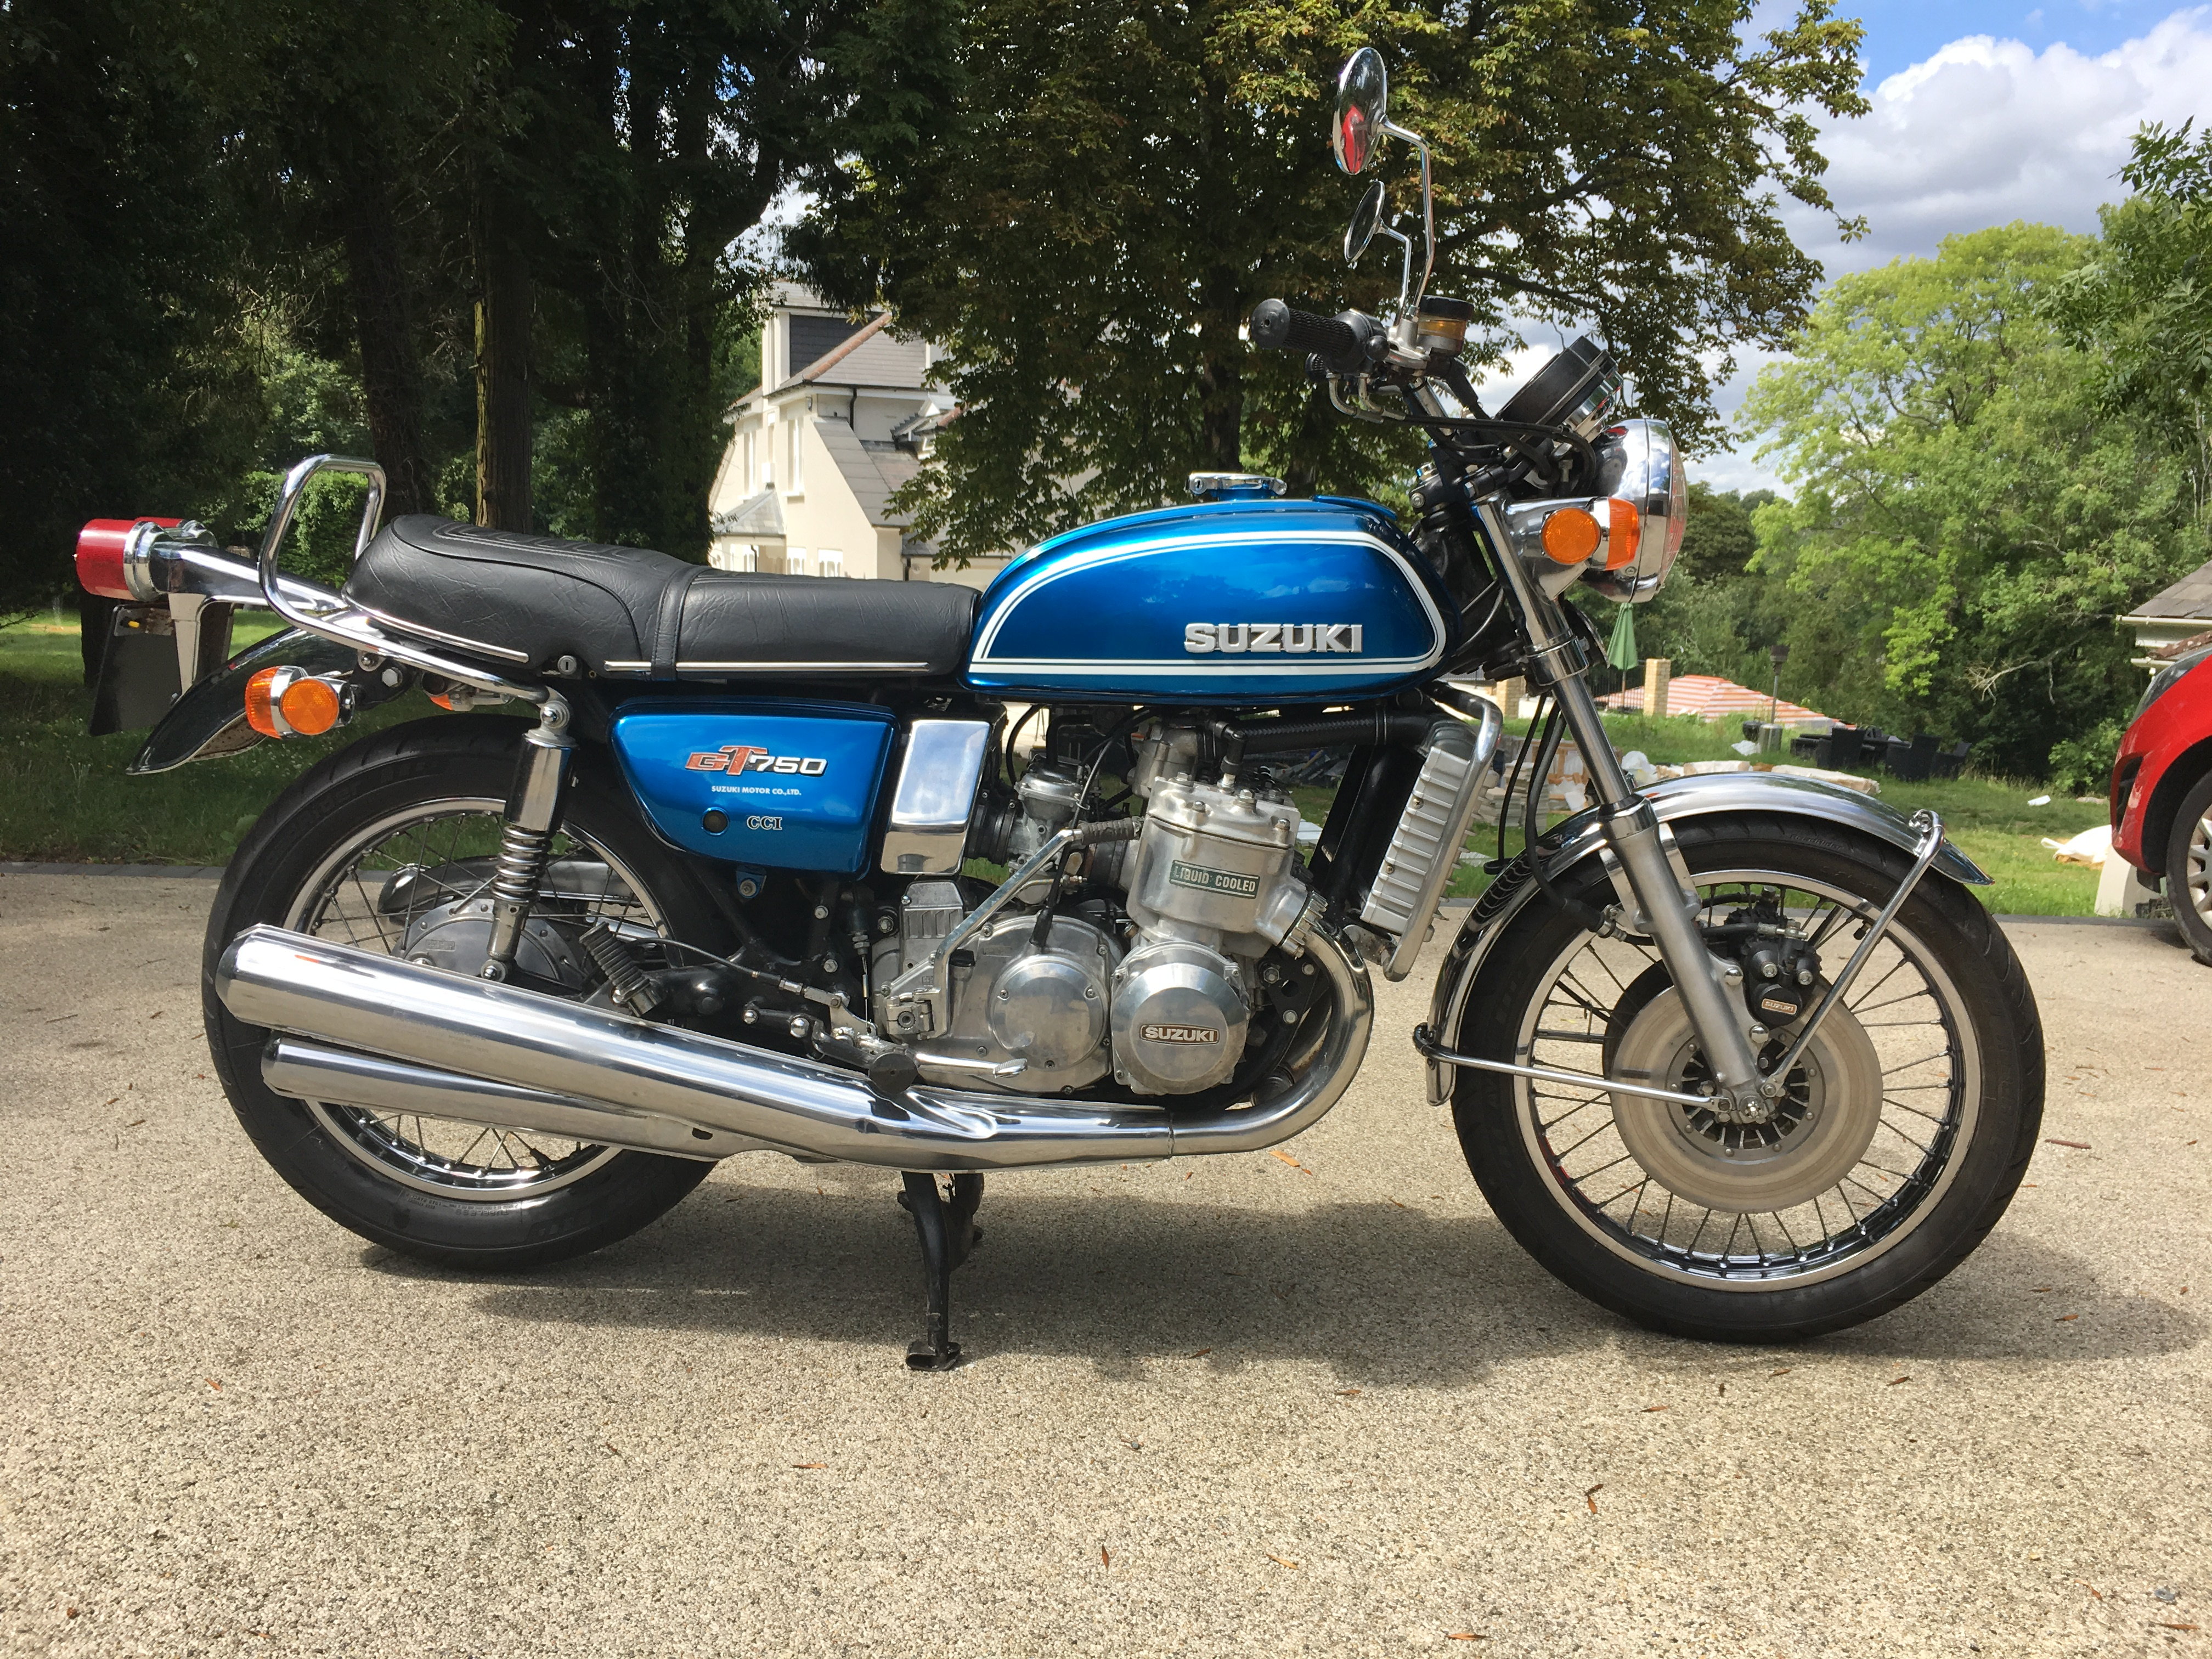 GT750L